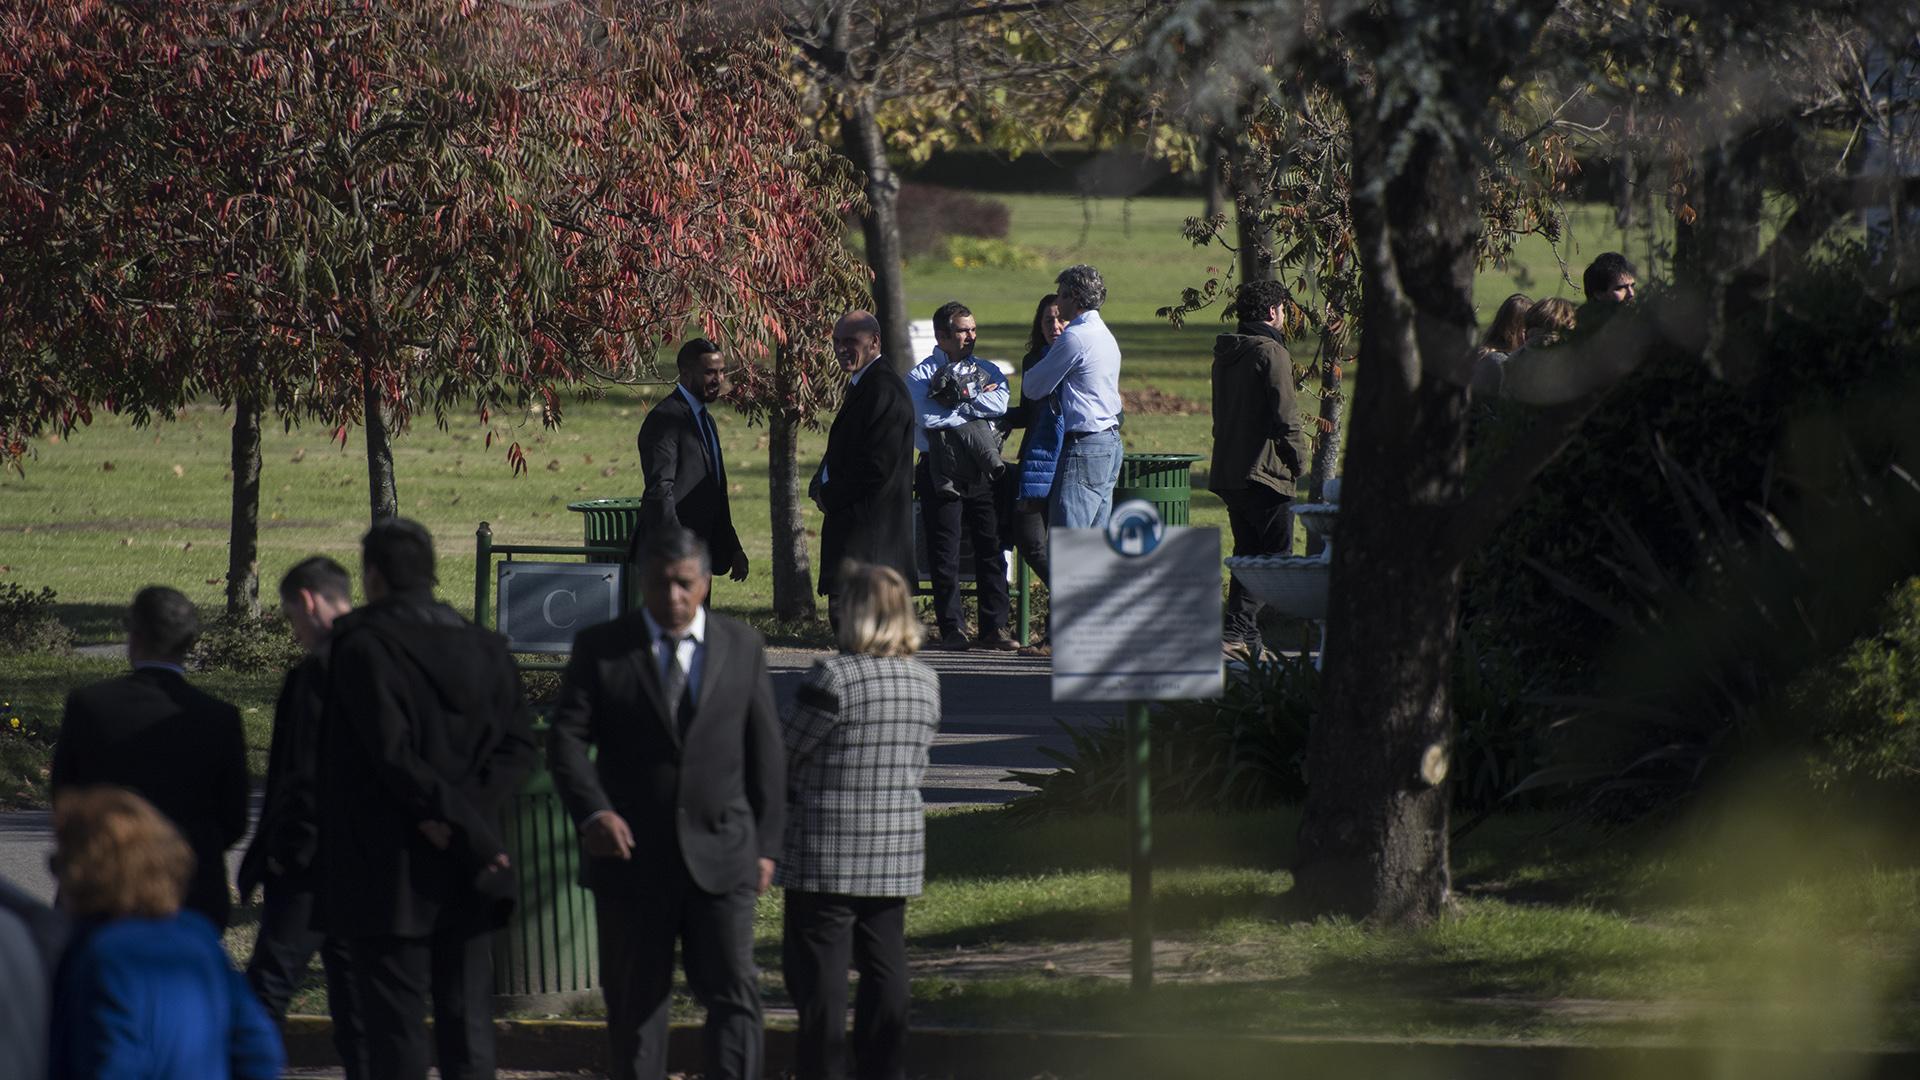 La Seguridad en el Parque Memorial estuvo a cargo de efectivos del Grupo Halcón y miembros de la seguridad de la Casa real de los Países Bajos